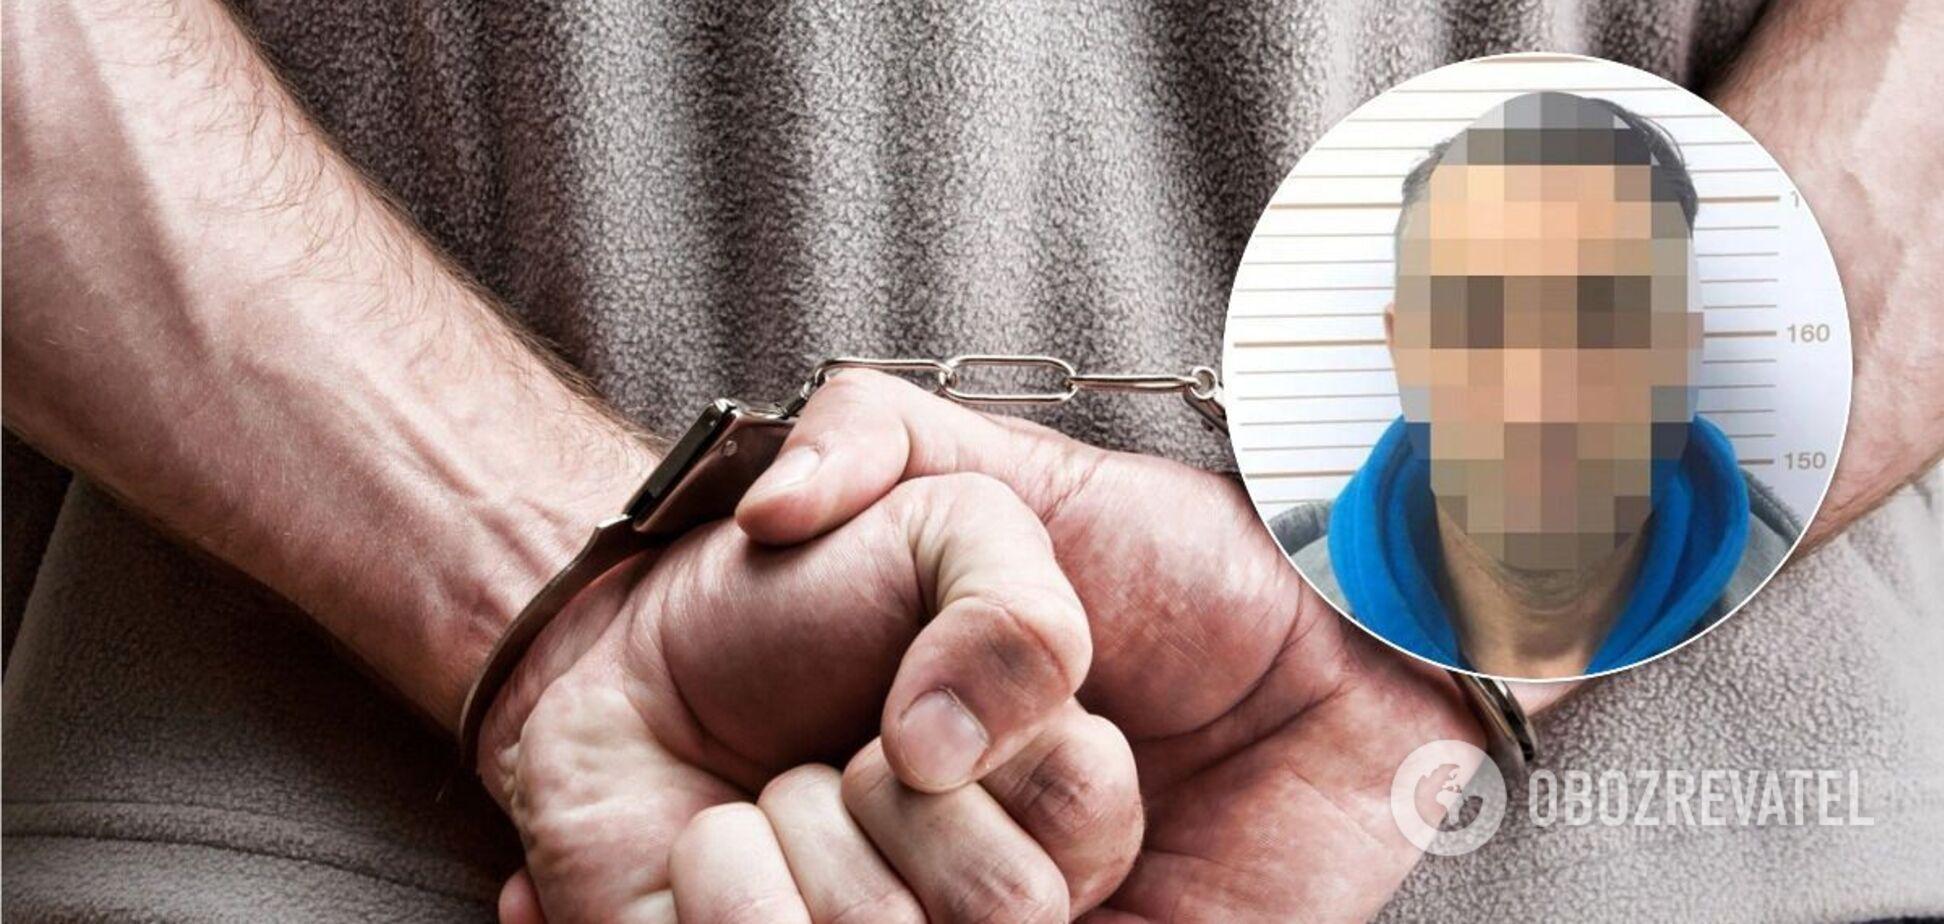 Таксисту, подозреваемому в изнасиловании женщины, избрали меру пресечения